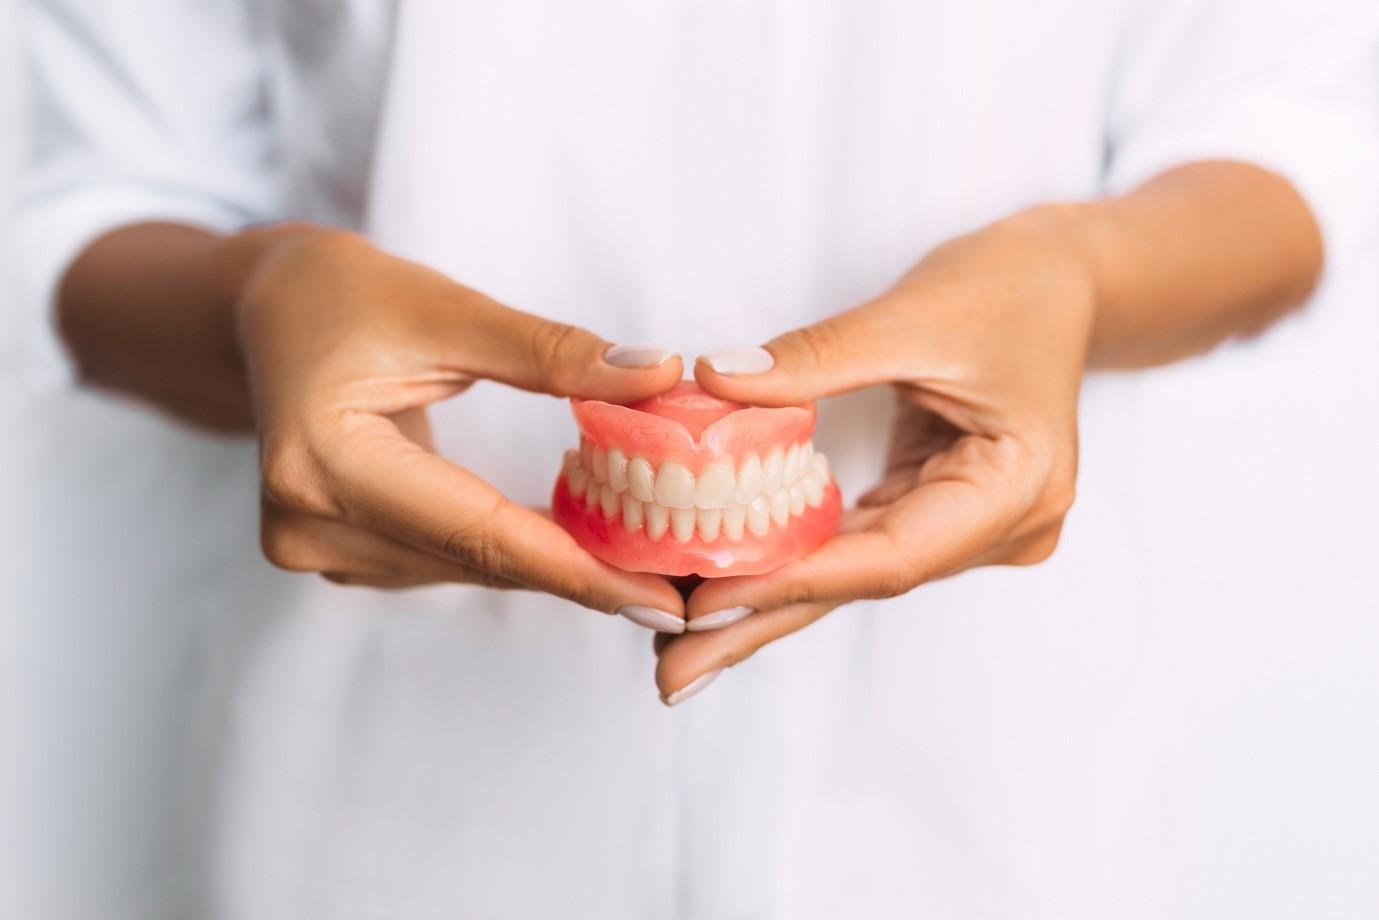 5 Benefits of Wearing Dentures